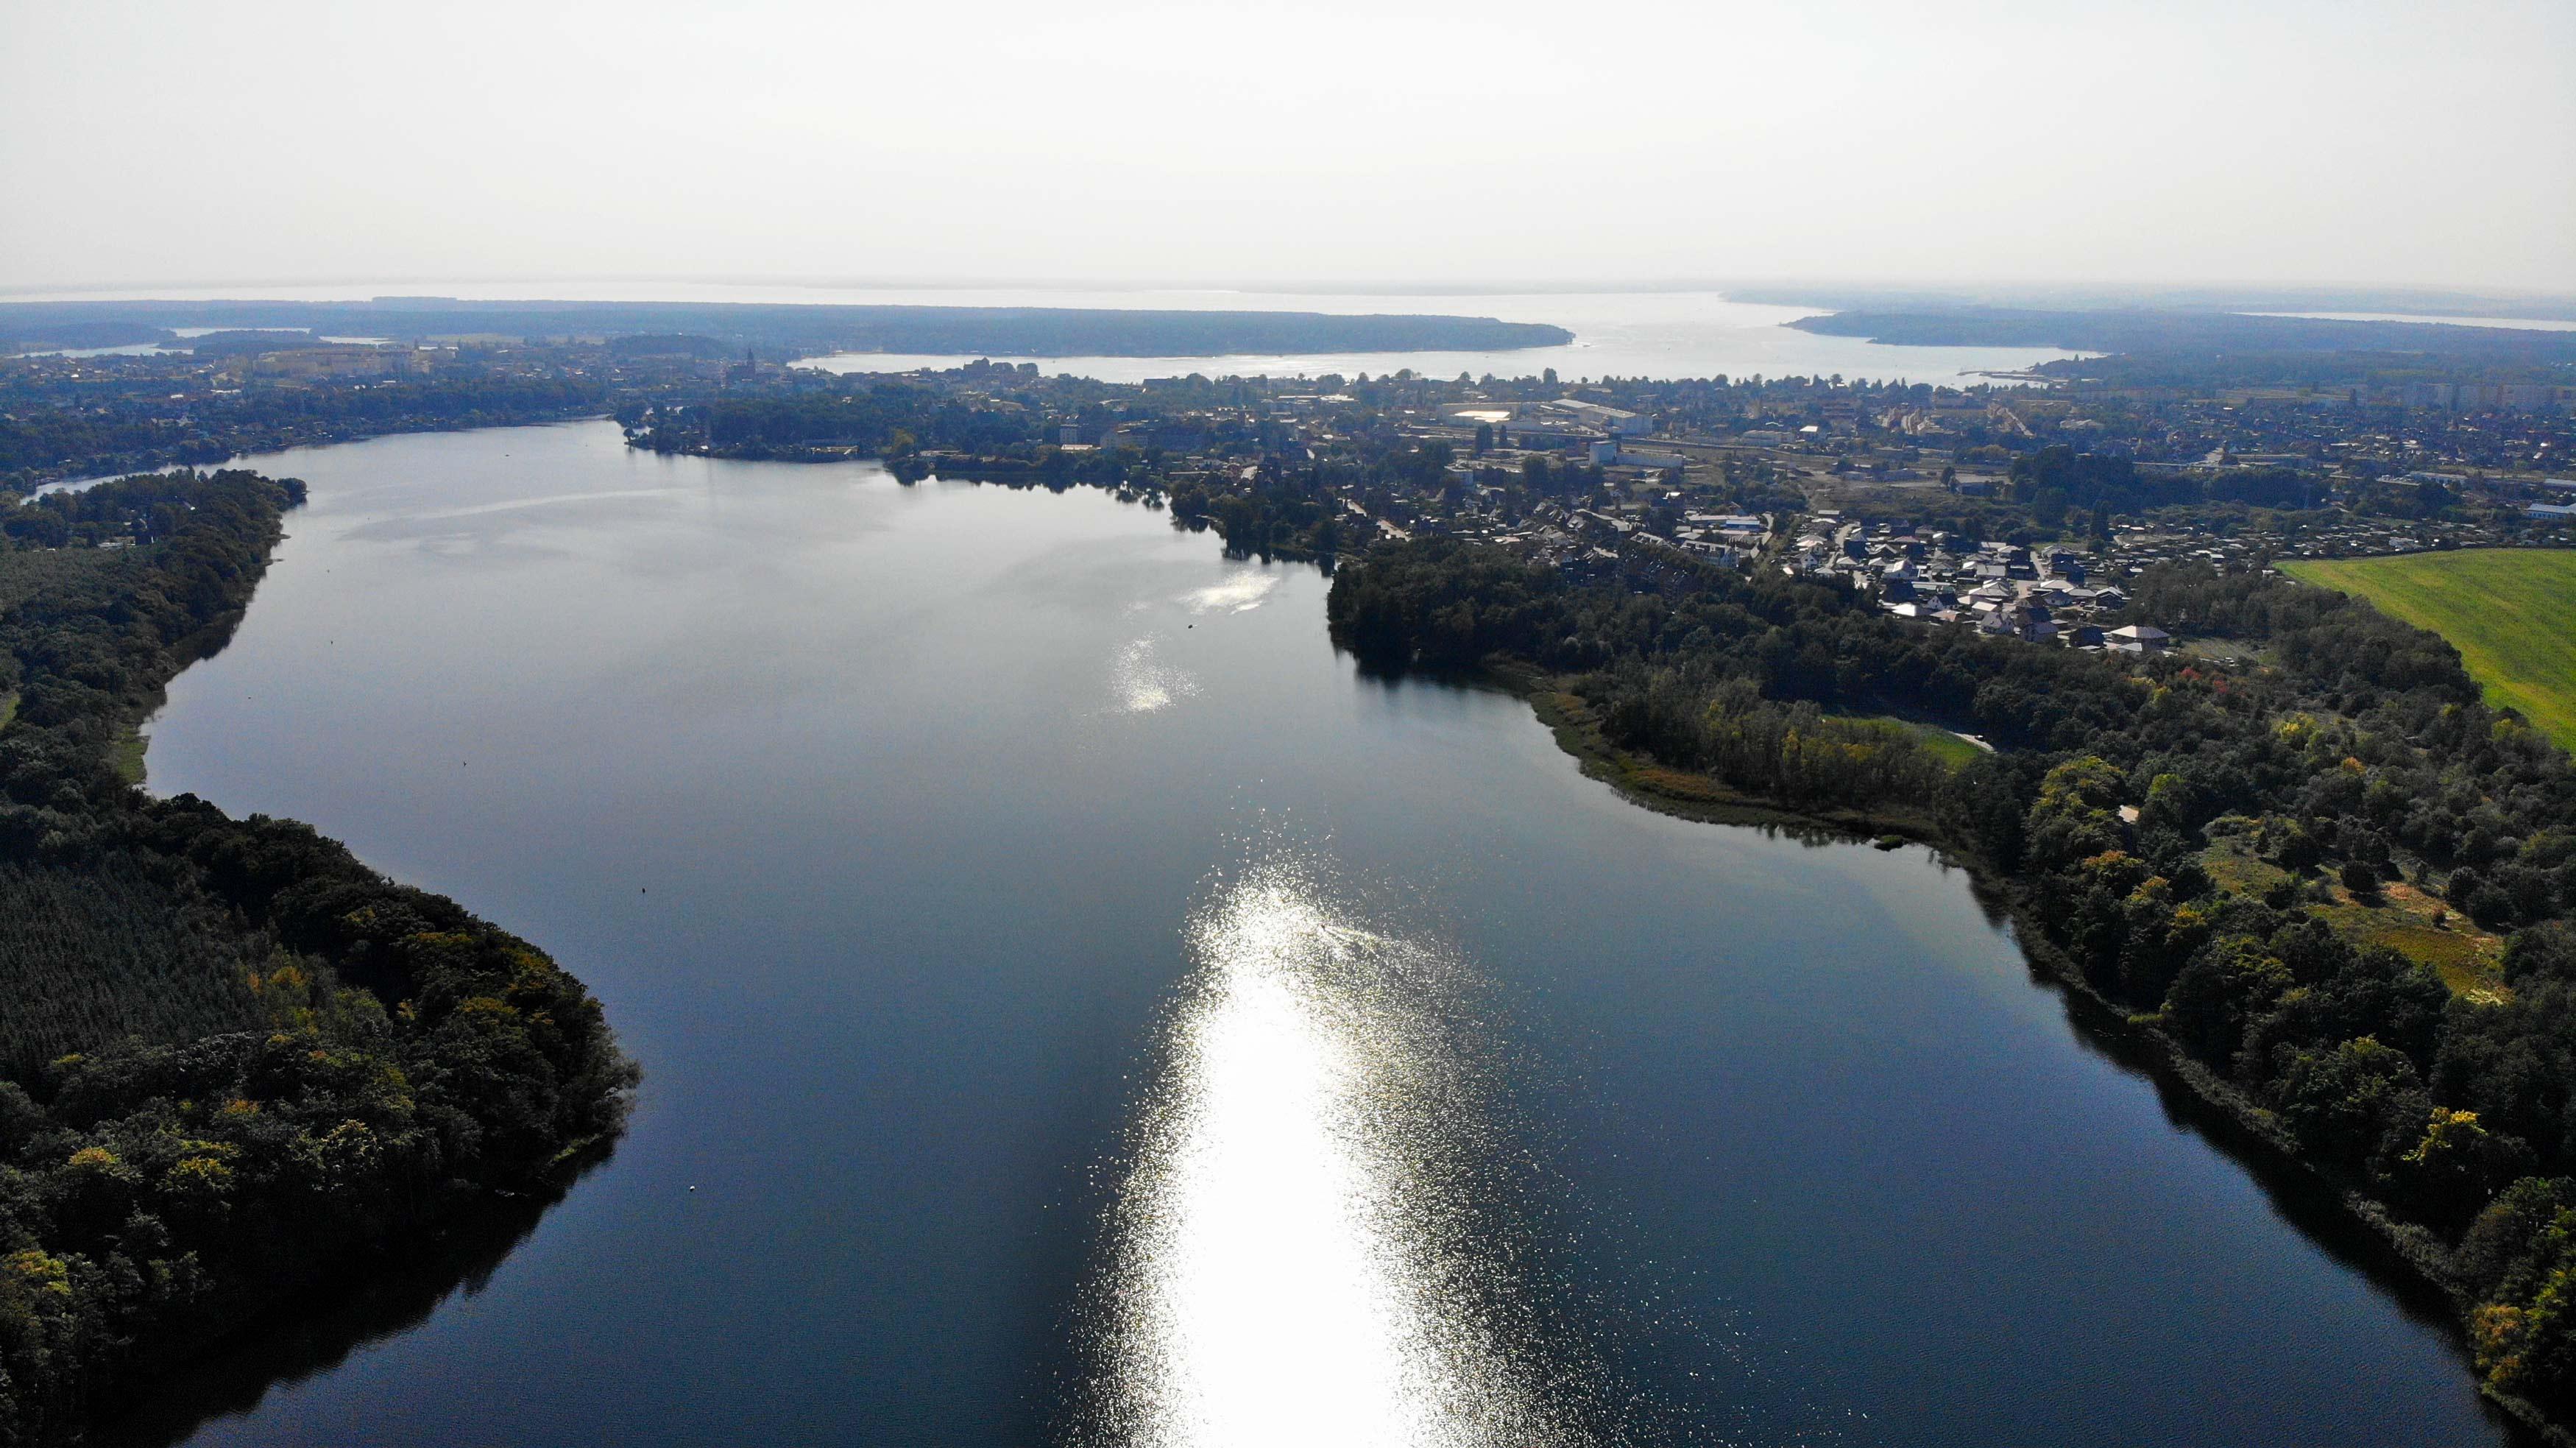 Unterwegs am größten Binnensee Deutschlands – die Müritz